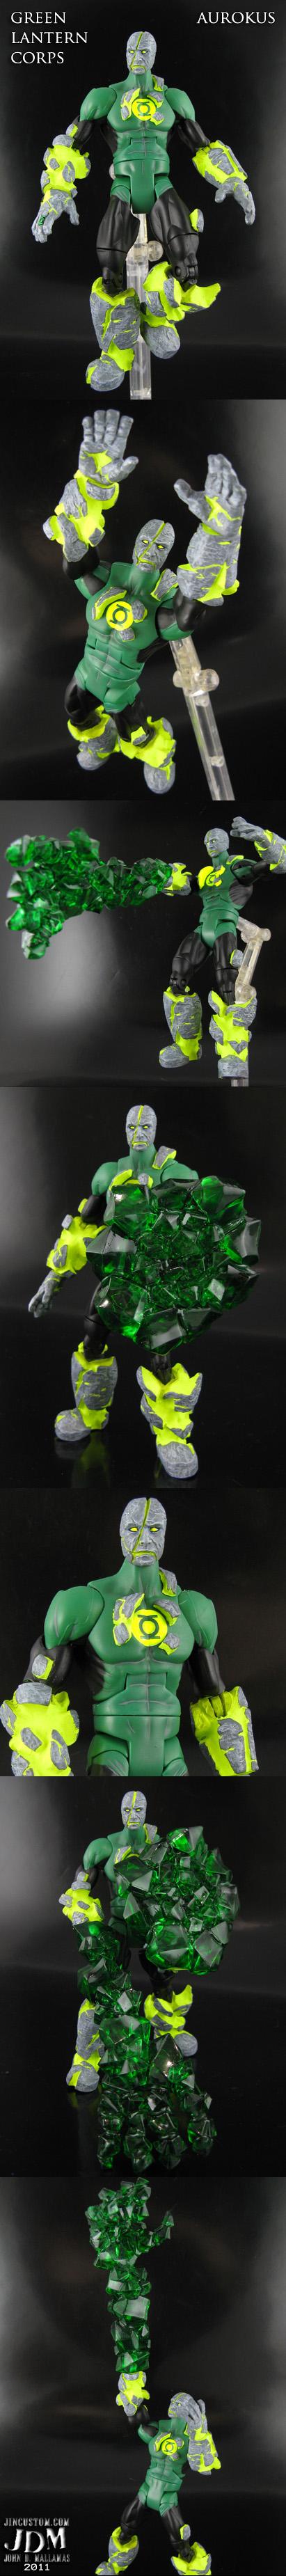 Green lantern Aurokus